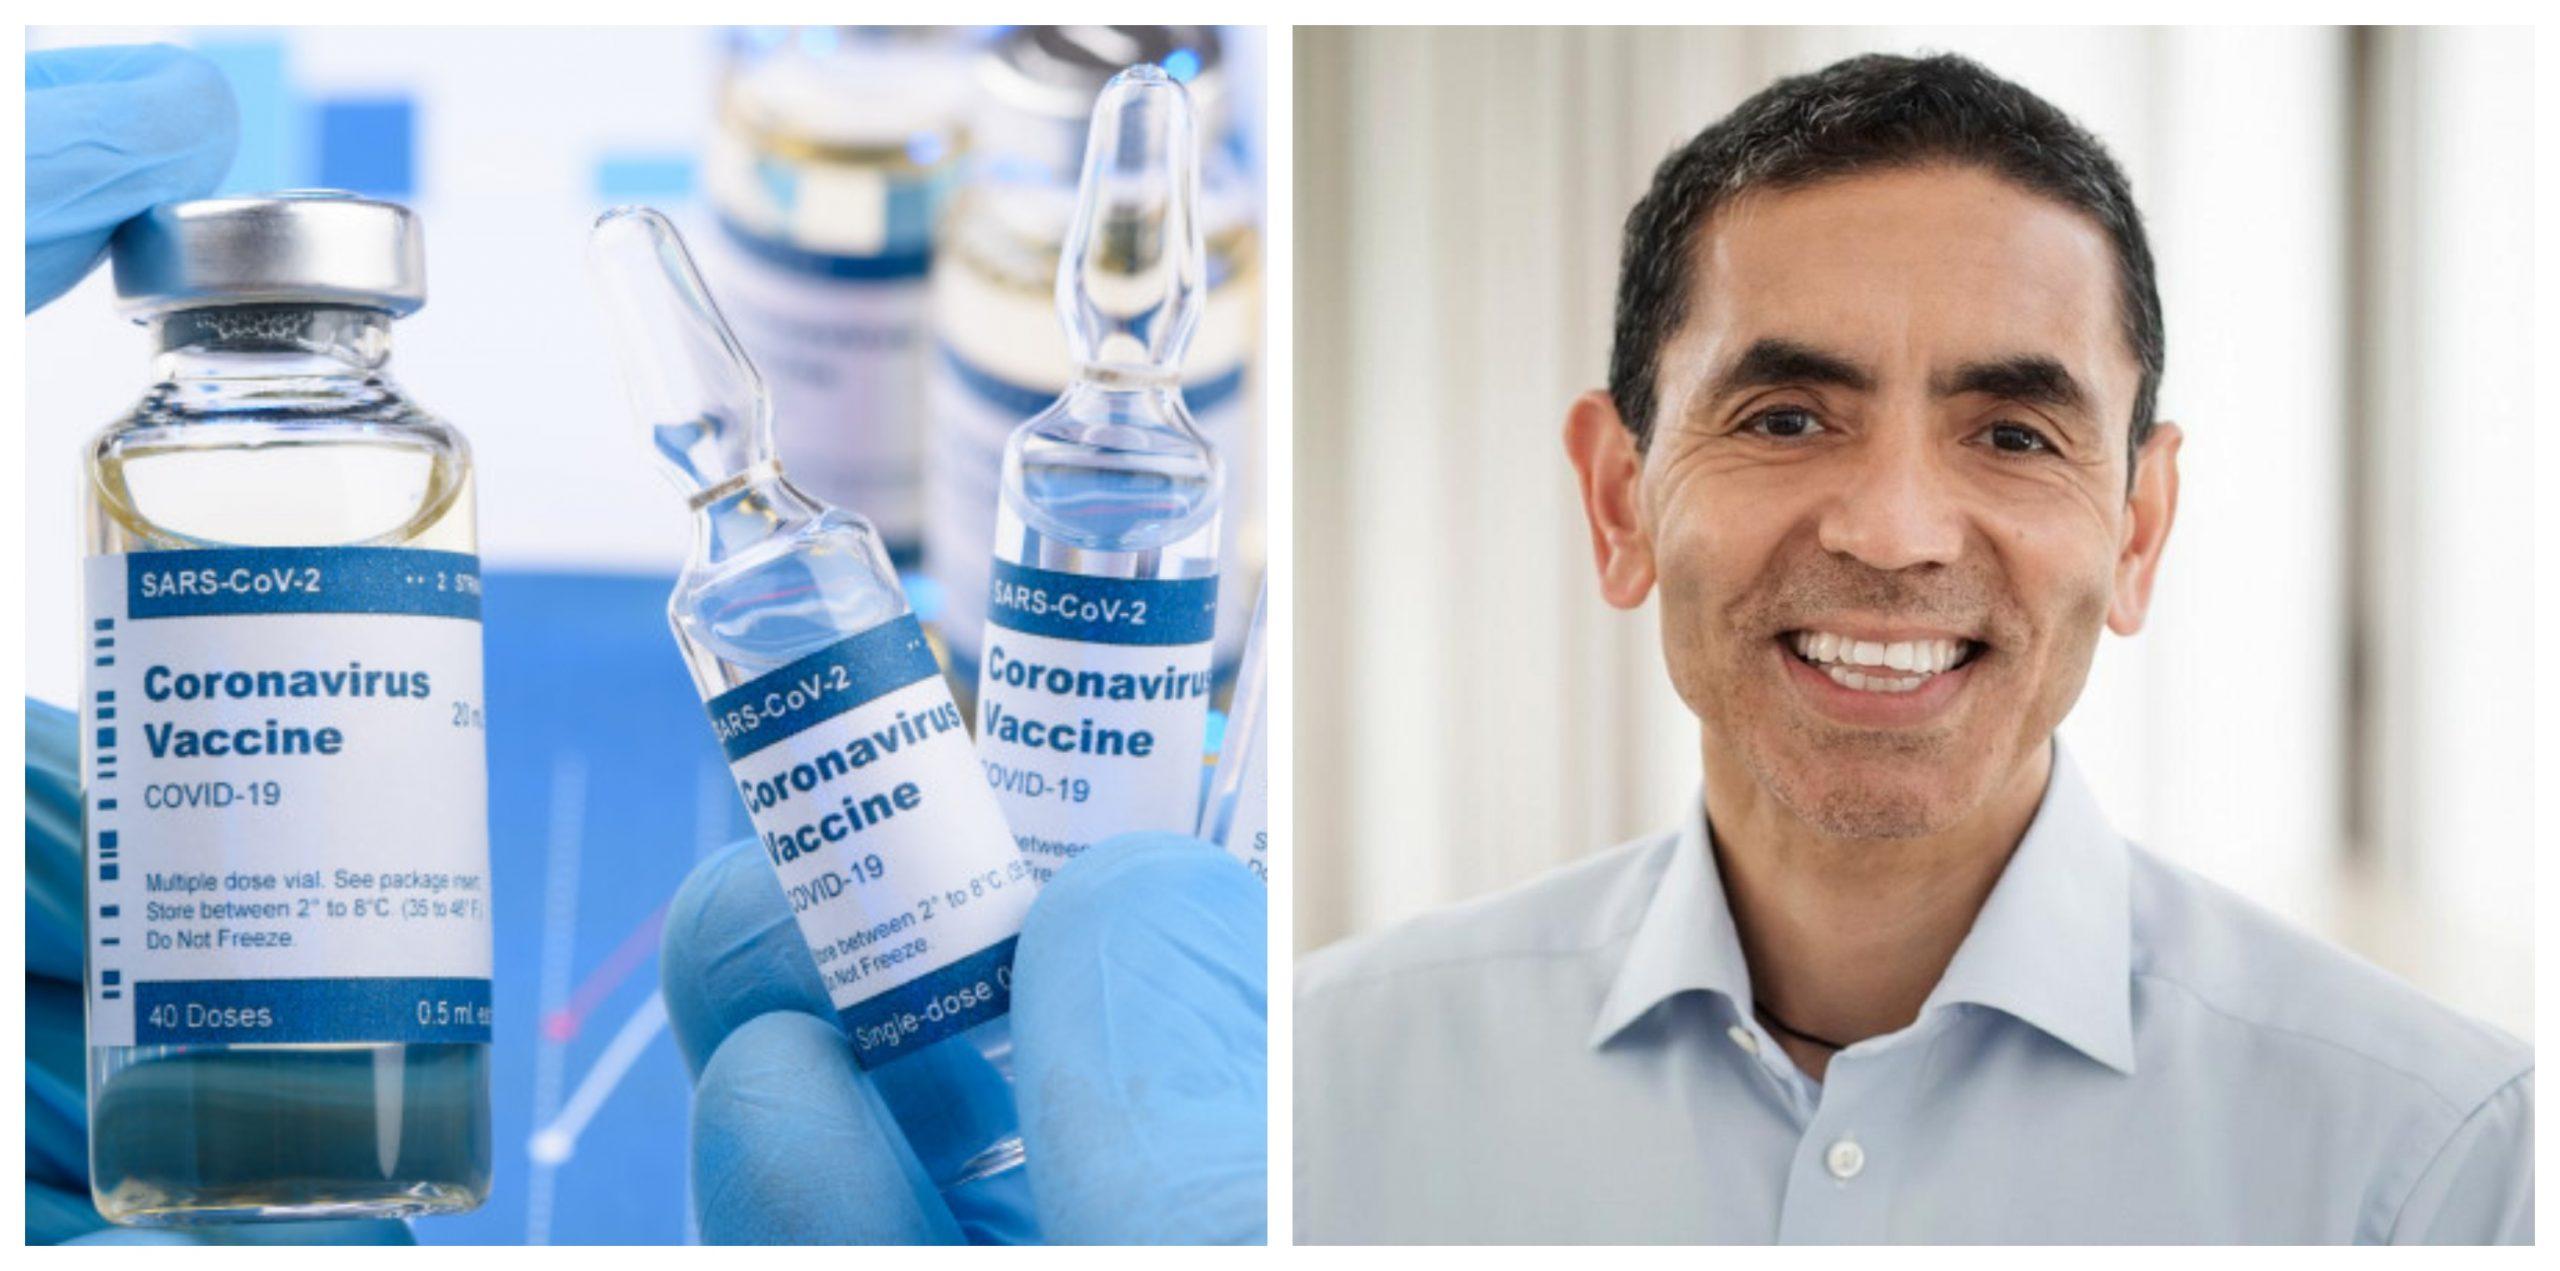 Povestea impresionantă a celui care a descoperit vaccinul anti-covid-19. Ele este copilul-imigrant care va pune capăt pandemiei